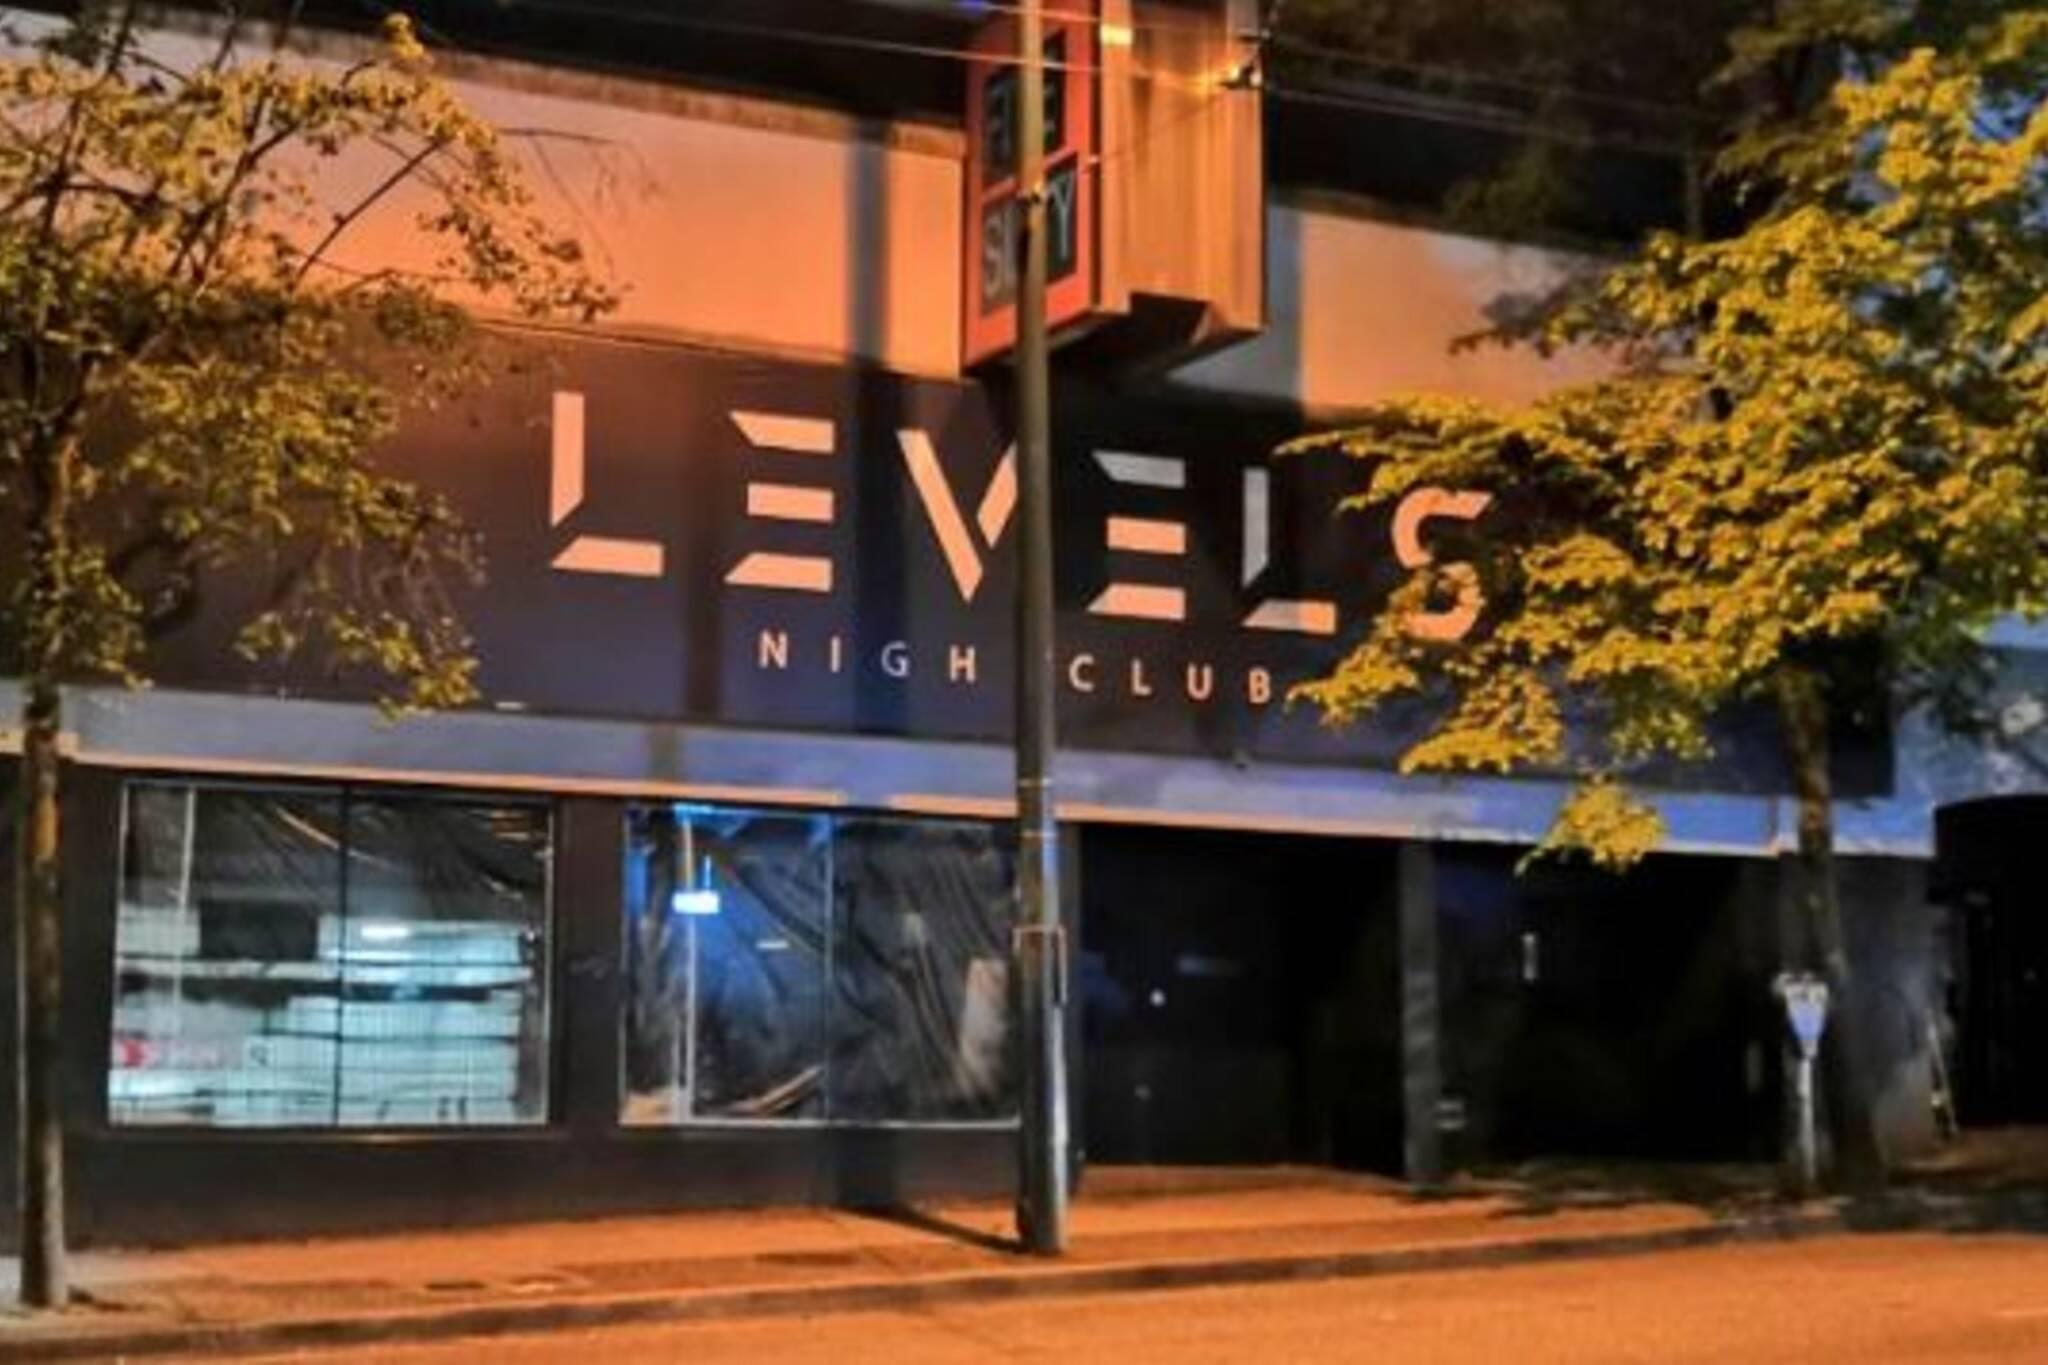 Levels Nightclub vancouver